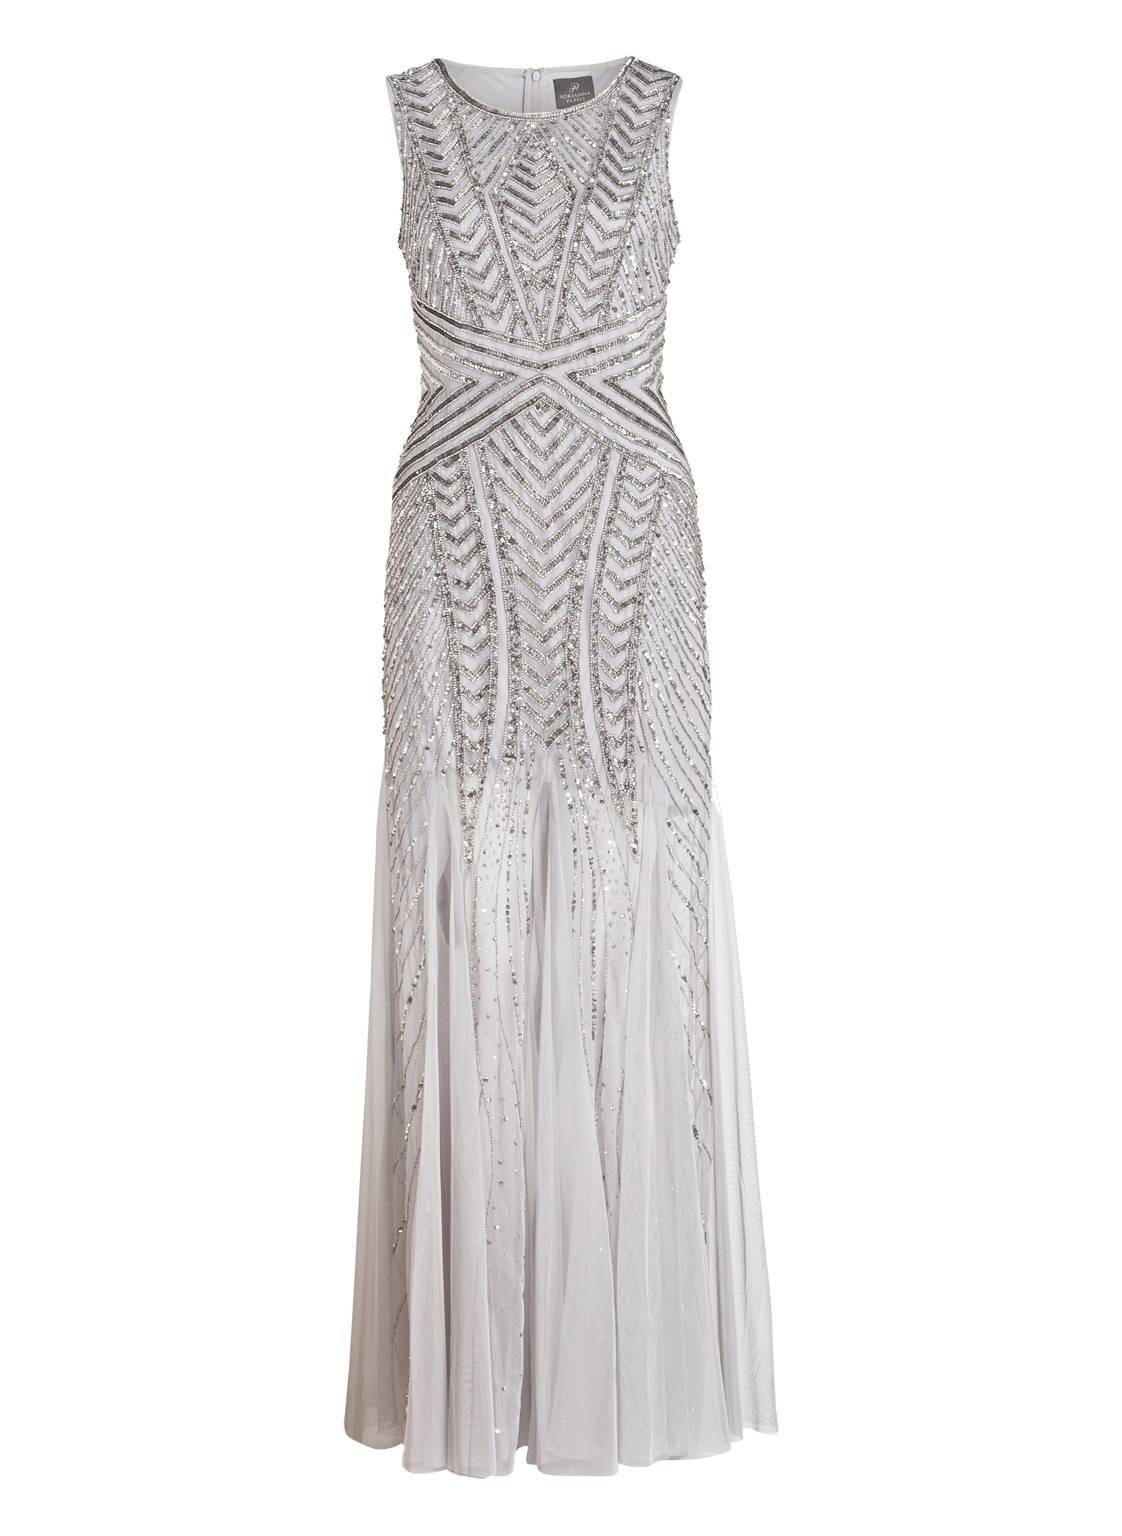 Formal Einzigartig Abendkleider Versand Vertrieb20 Einzigartig Abendkleider Versand Bester Preis